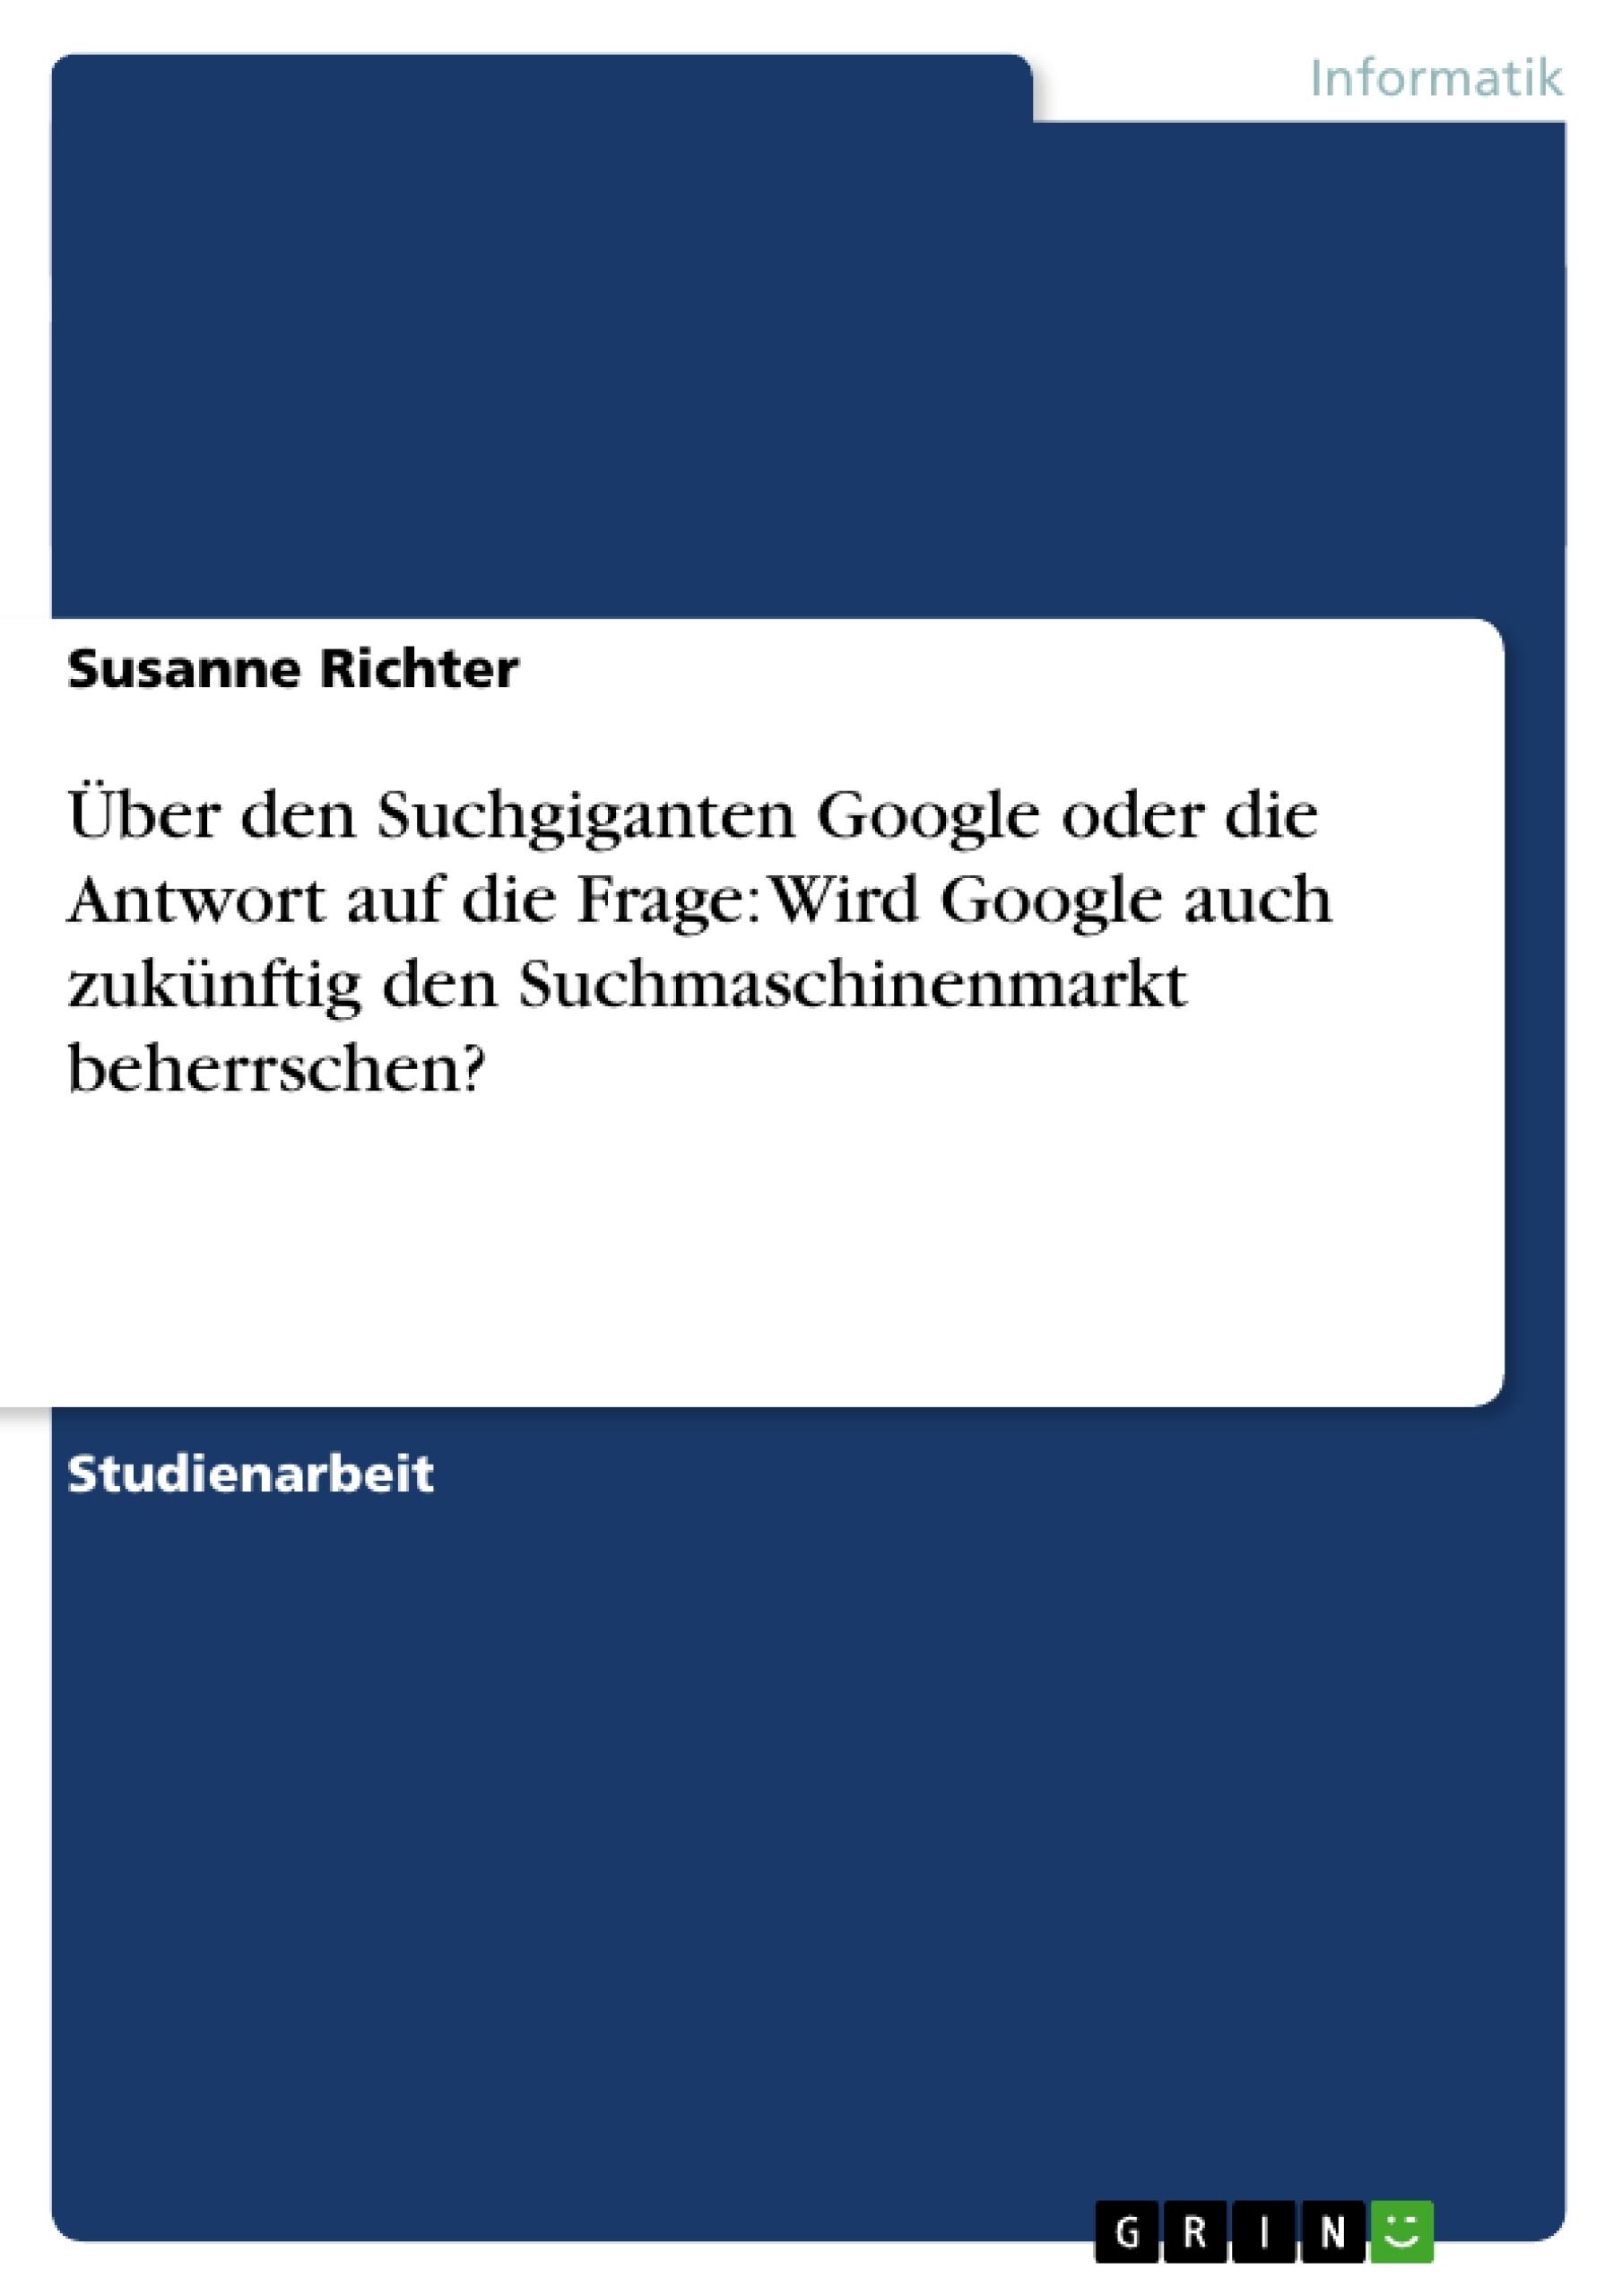 Titel: Über den Suchgiganten Google oder die Antwort auf die Frage: Wird Google auch zukünftig den Suchmaschinenmarkt beherrschen?